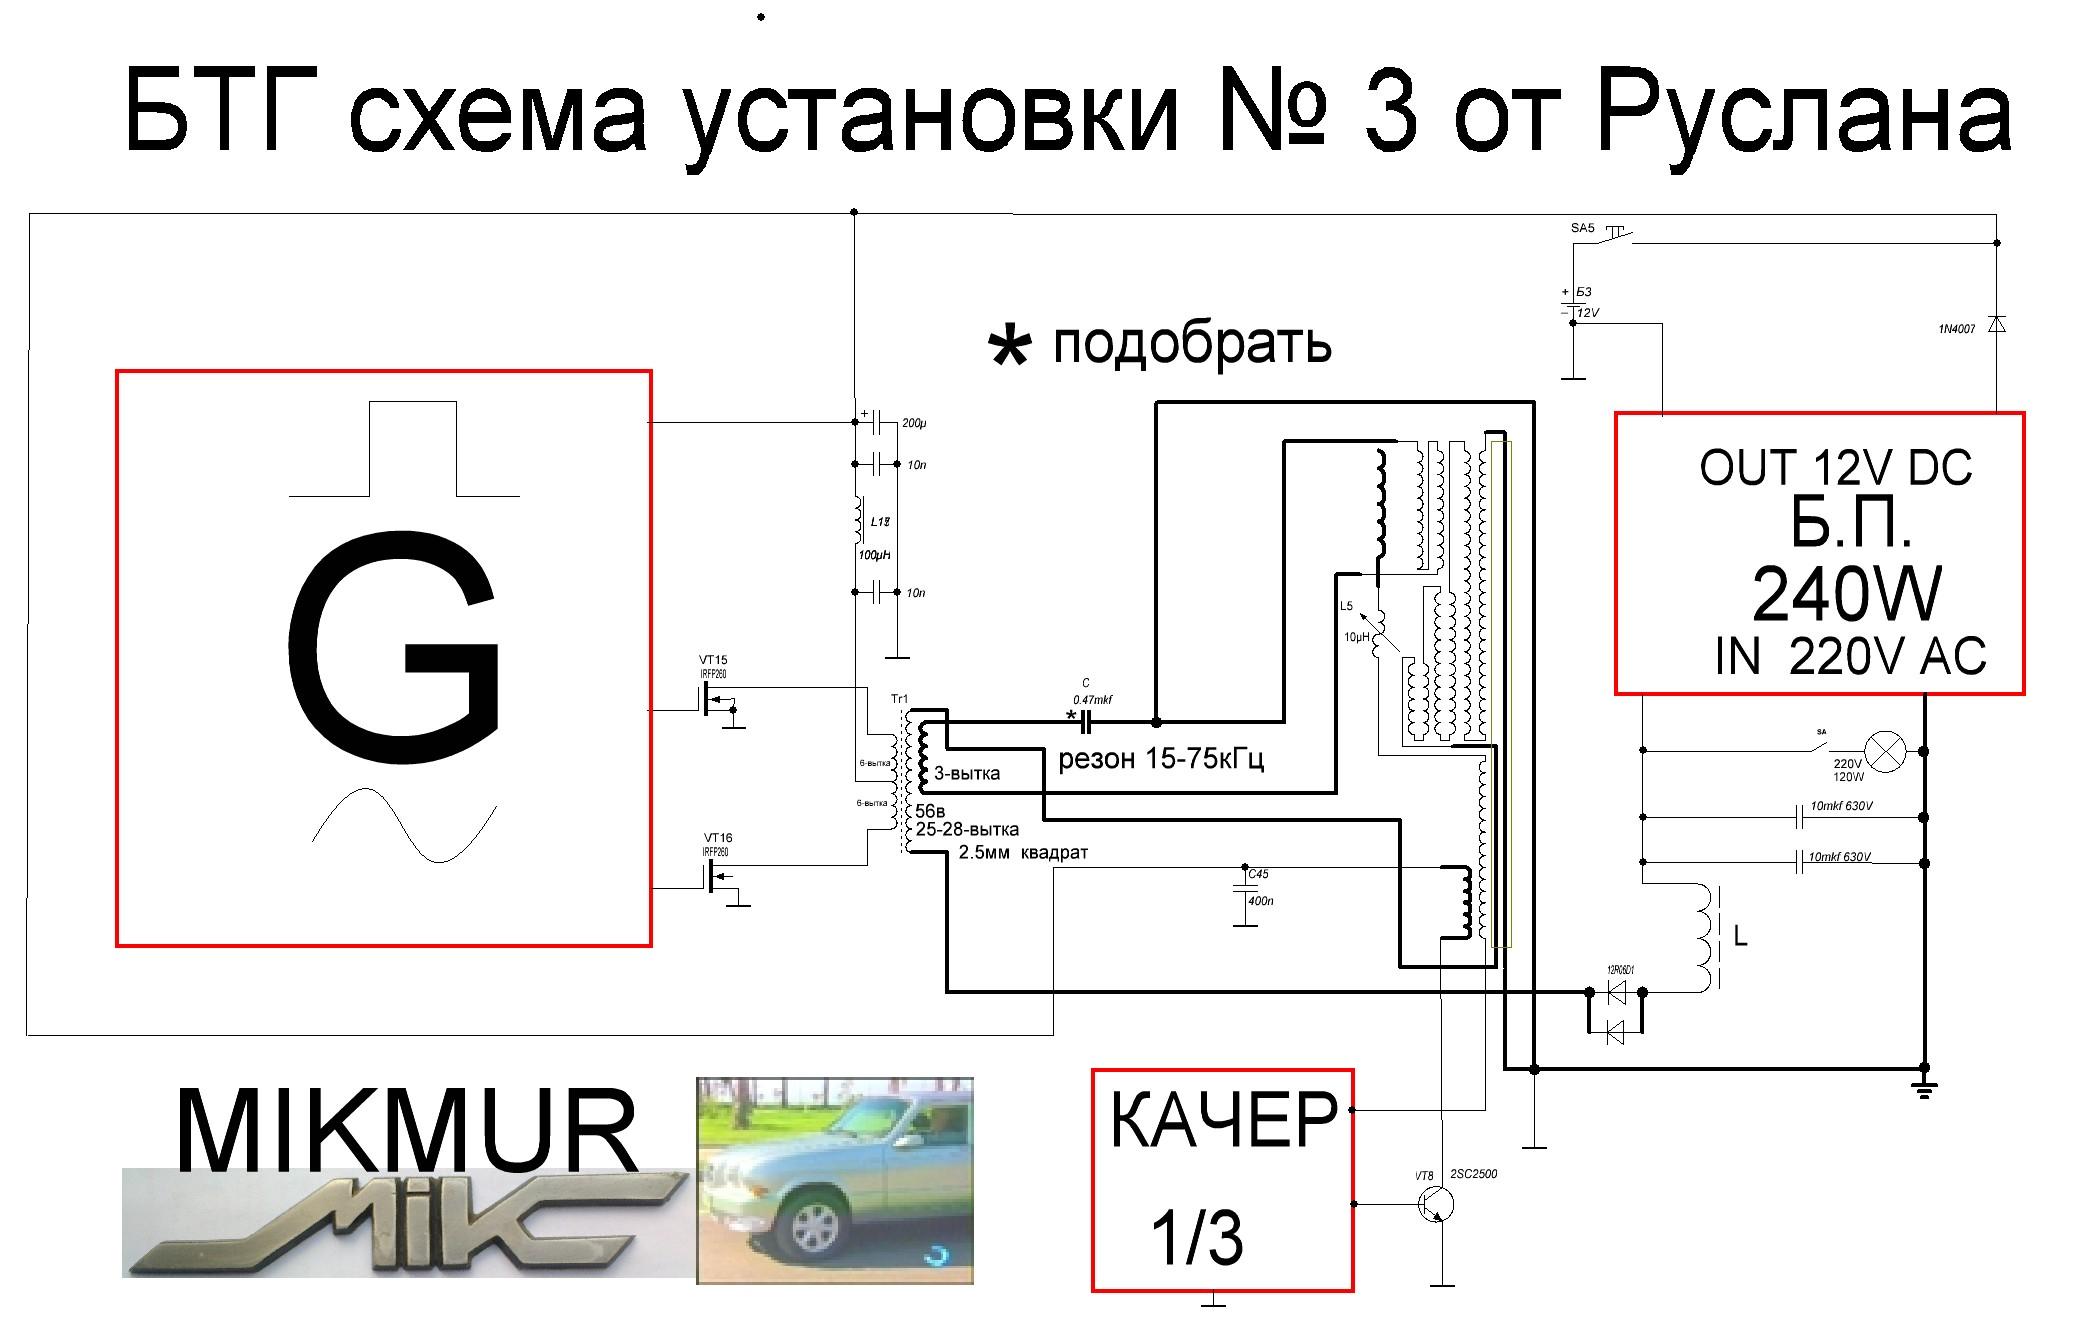 sxemaRuslanaN3.jpg